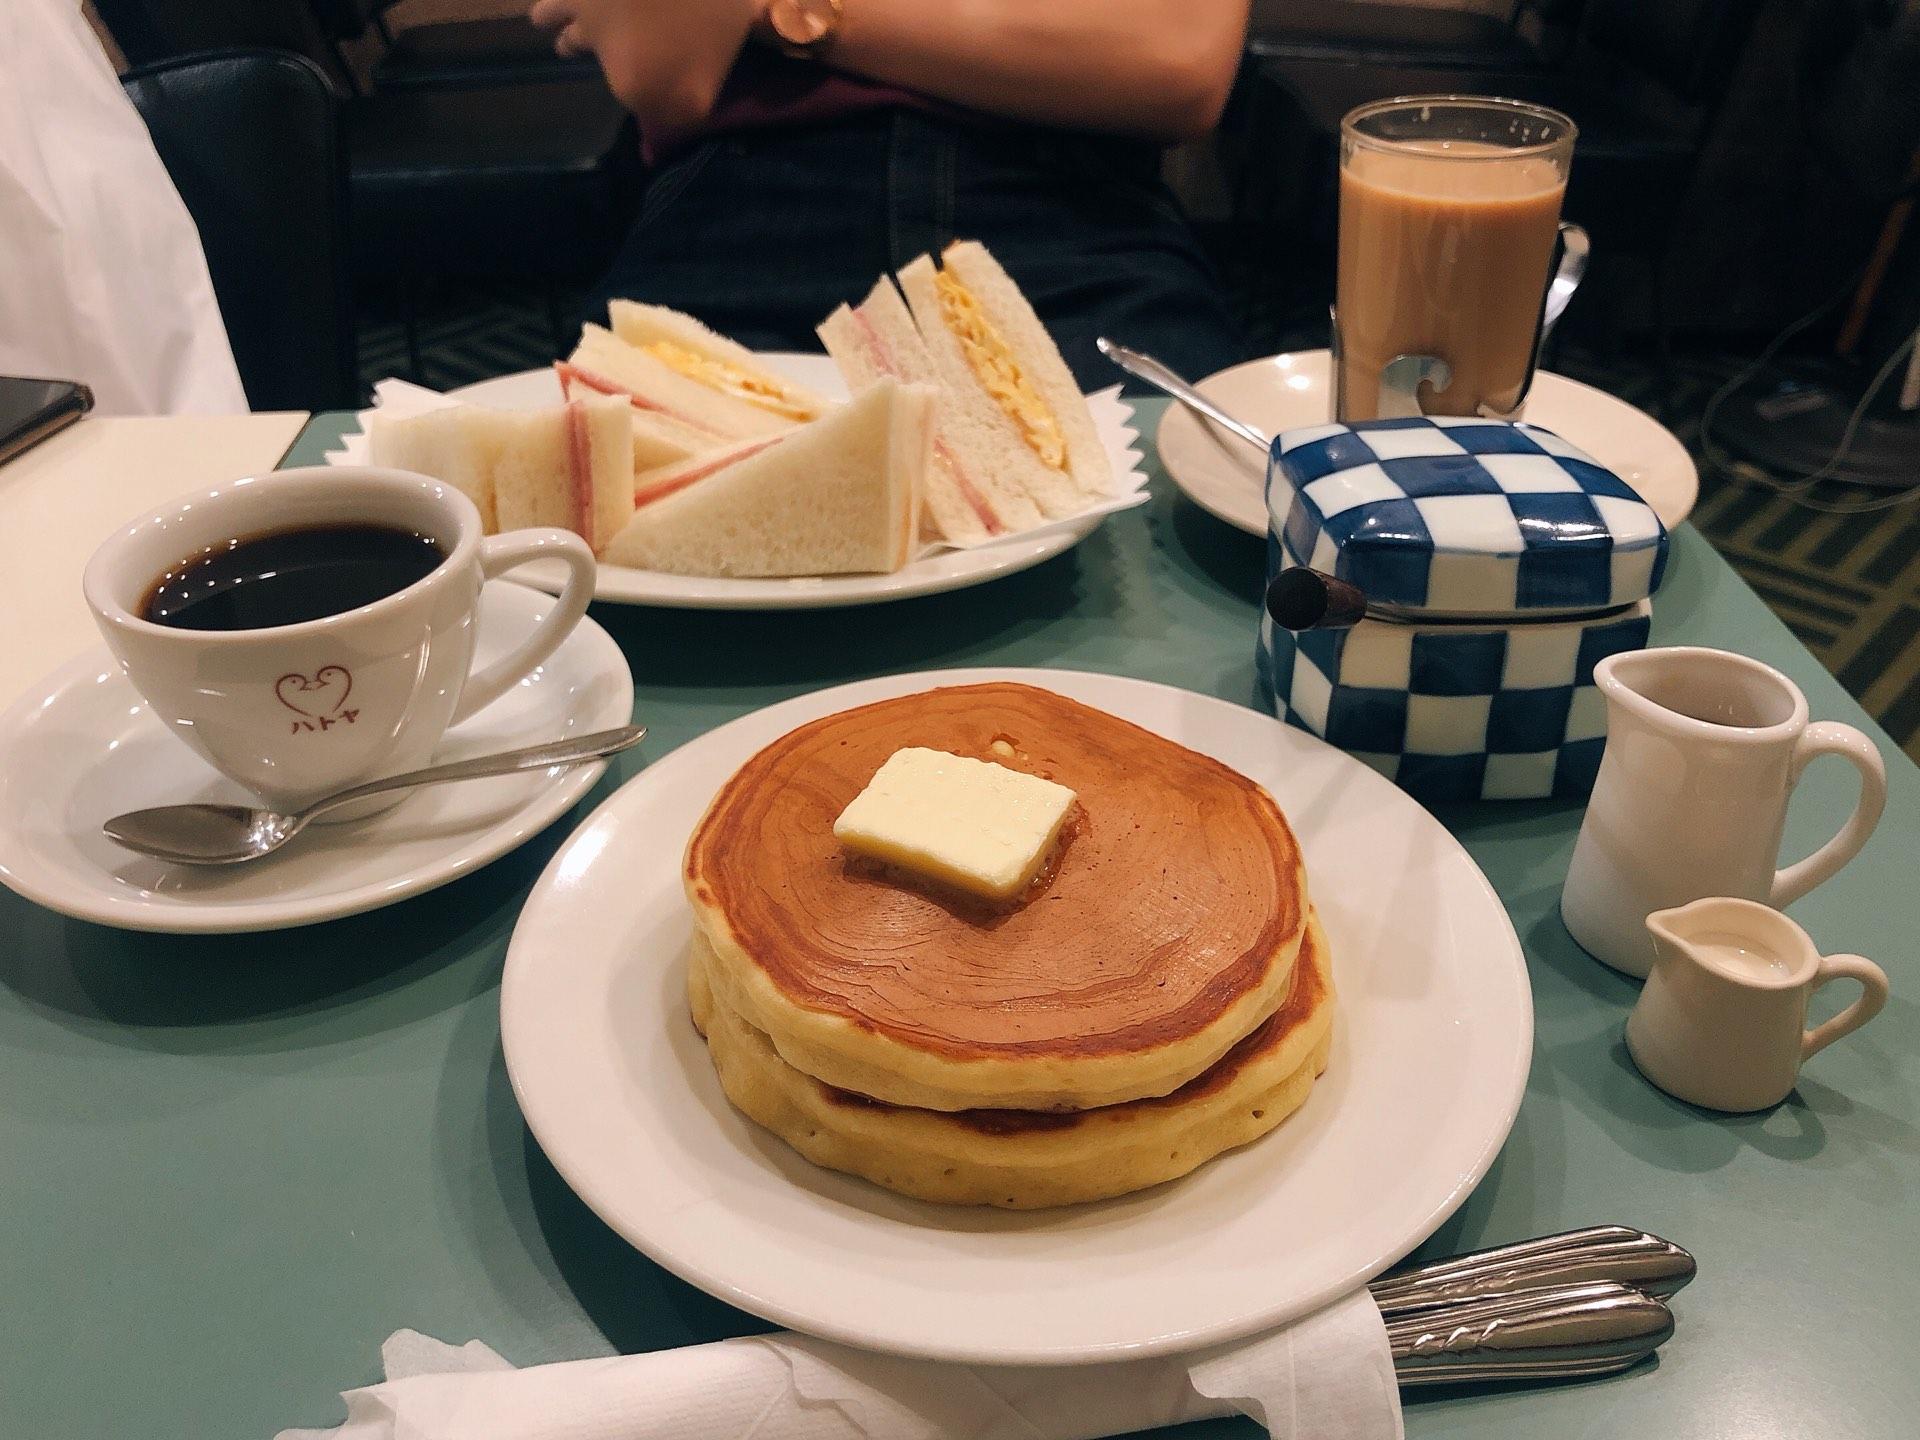 ハトヤのパンケーキ画像